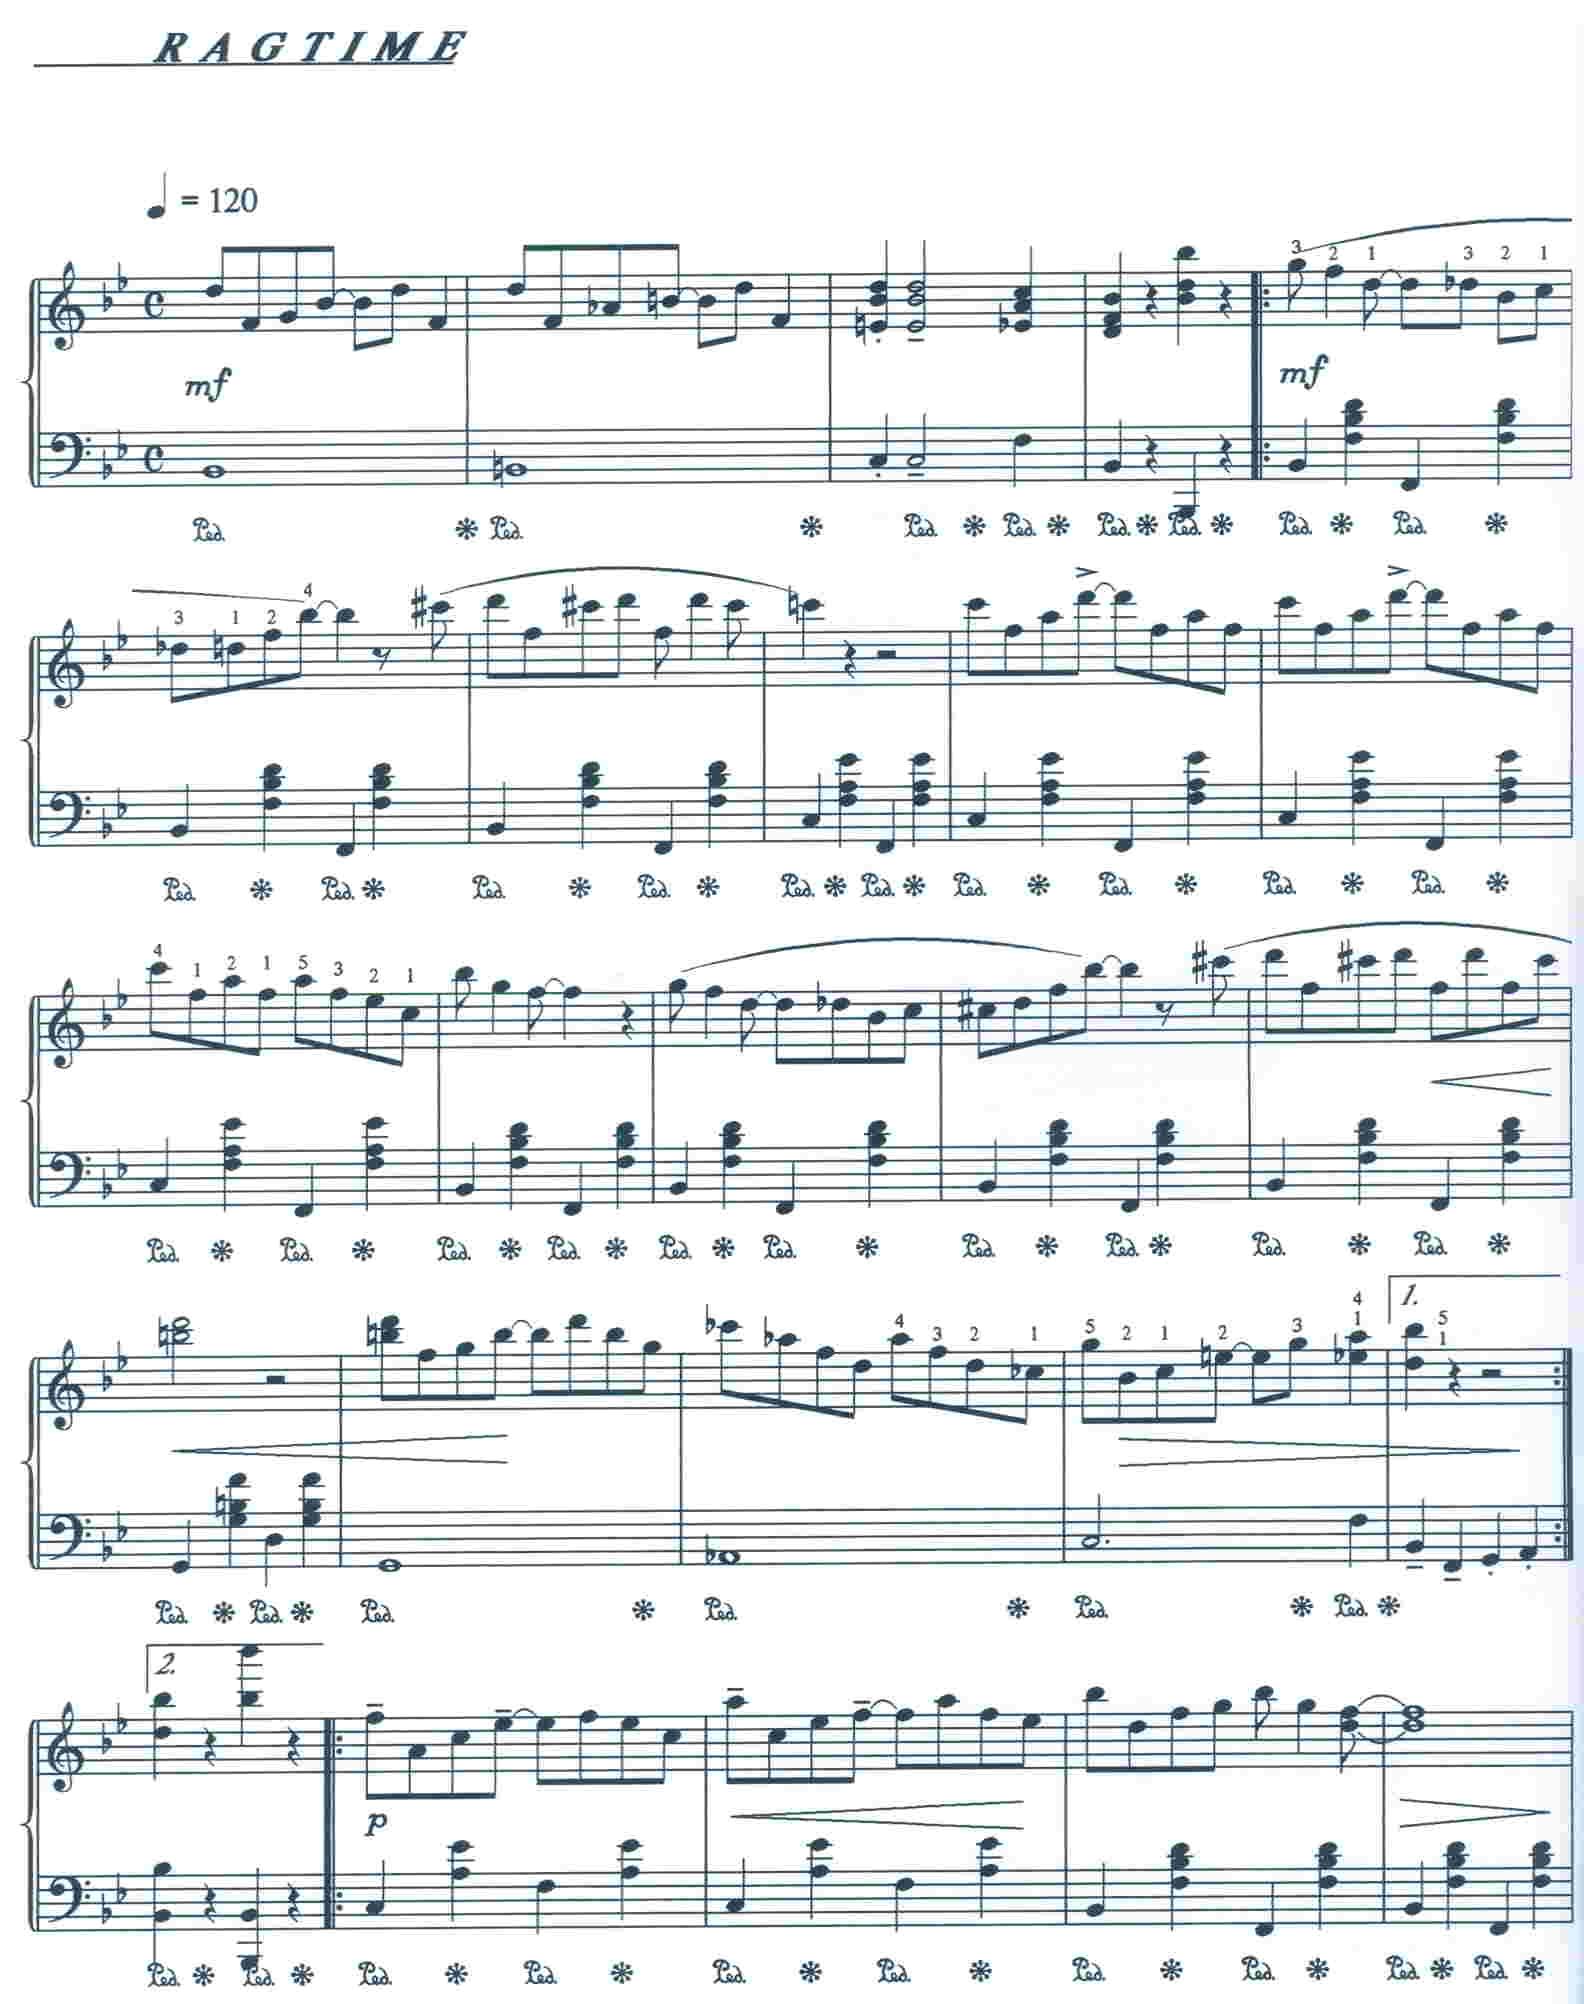 piano-album-t-vaclav-riha-jazz-piano-solos-klavir eNoty eu